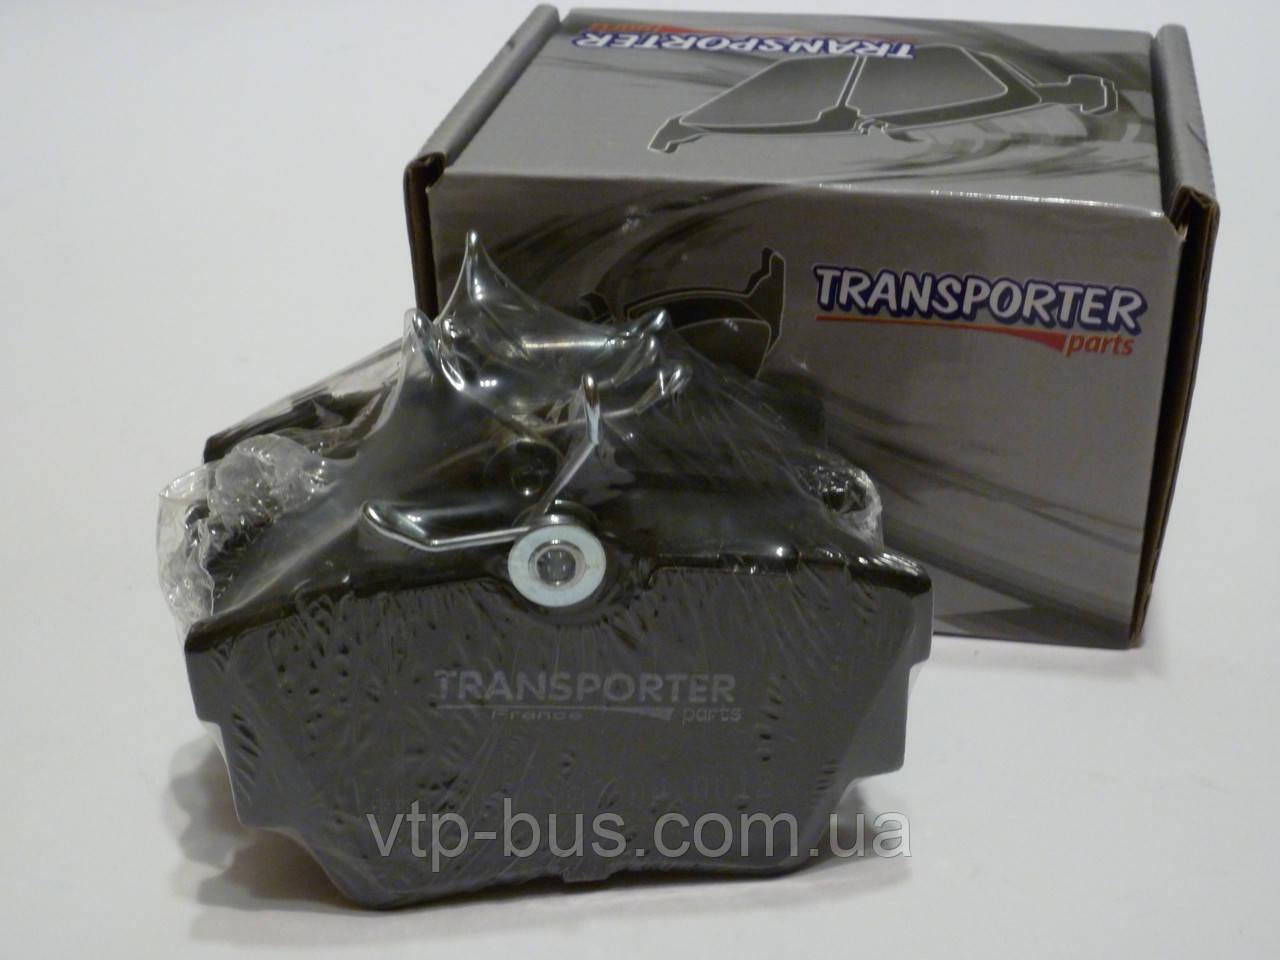 Тормозные колодки задние на Renault Trafic / Opel Vivaro с 2001... Transporter (Франция), 04.0153